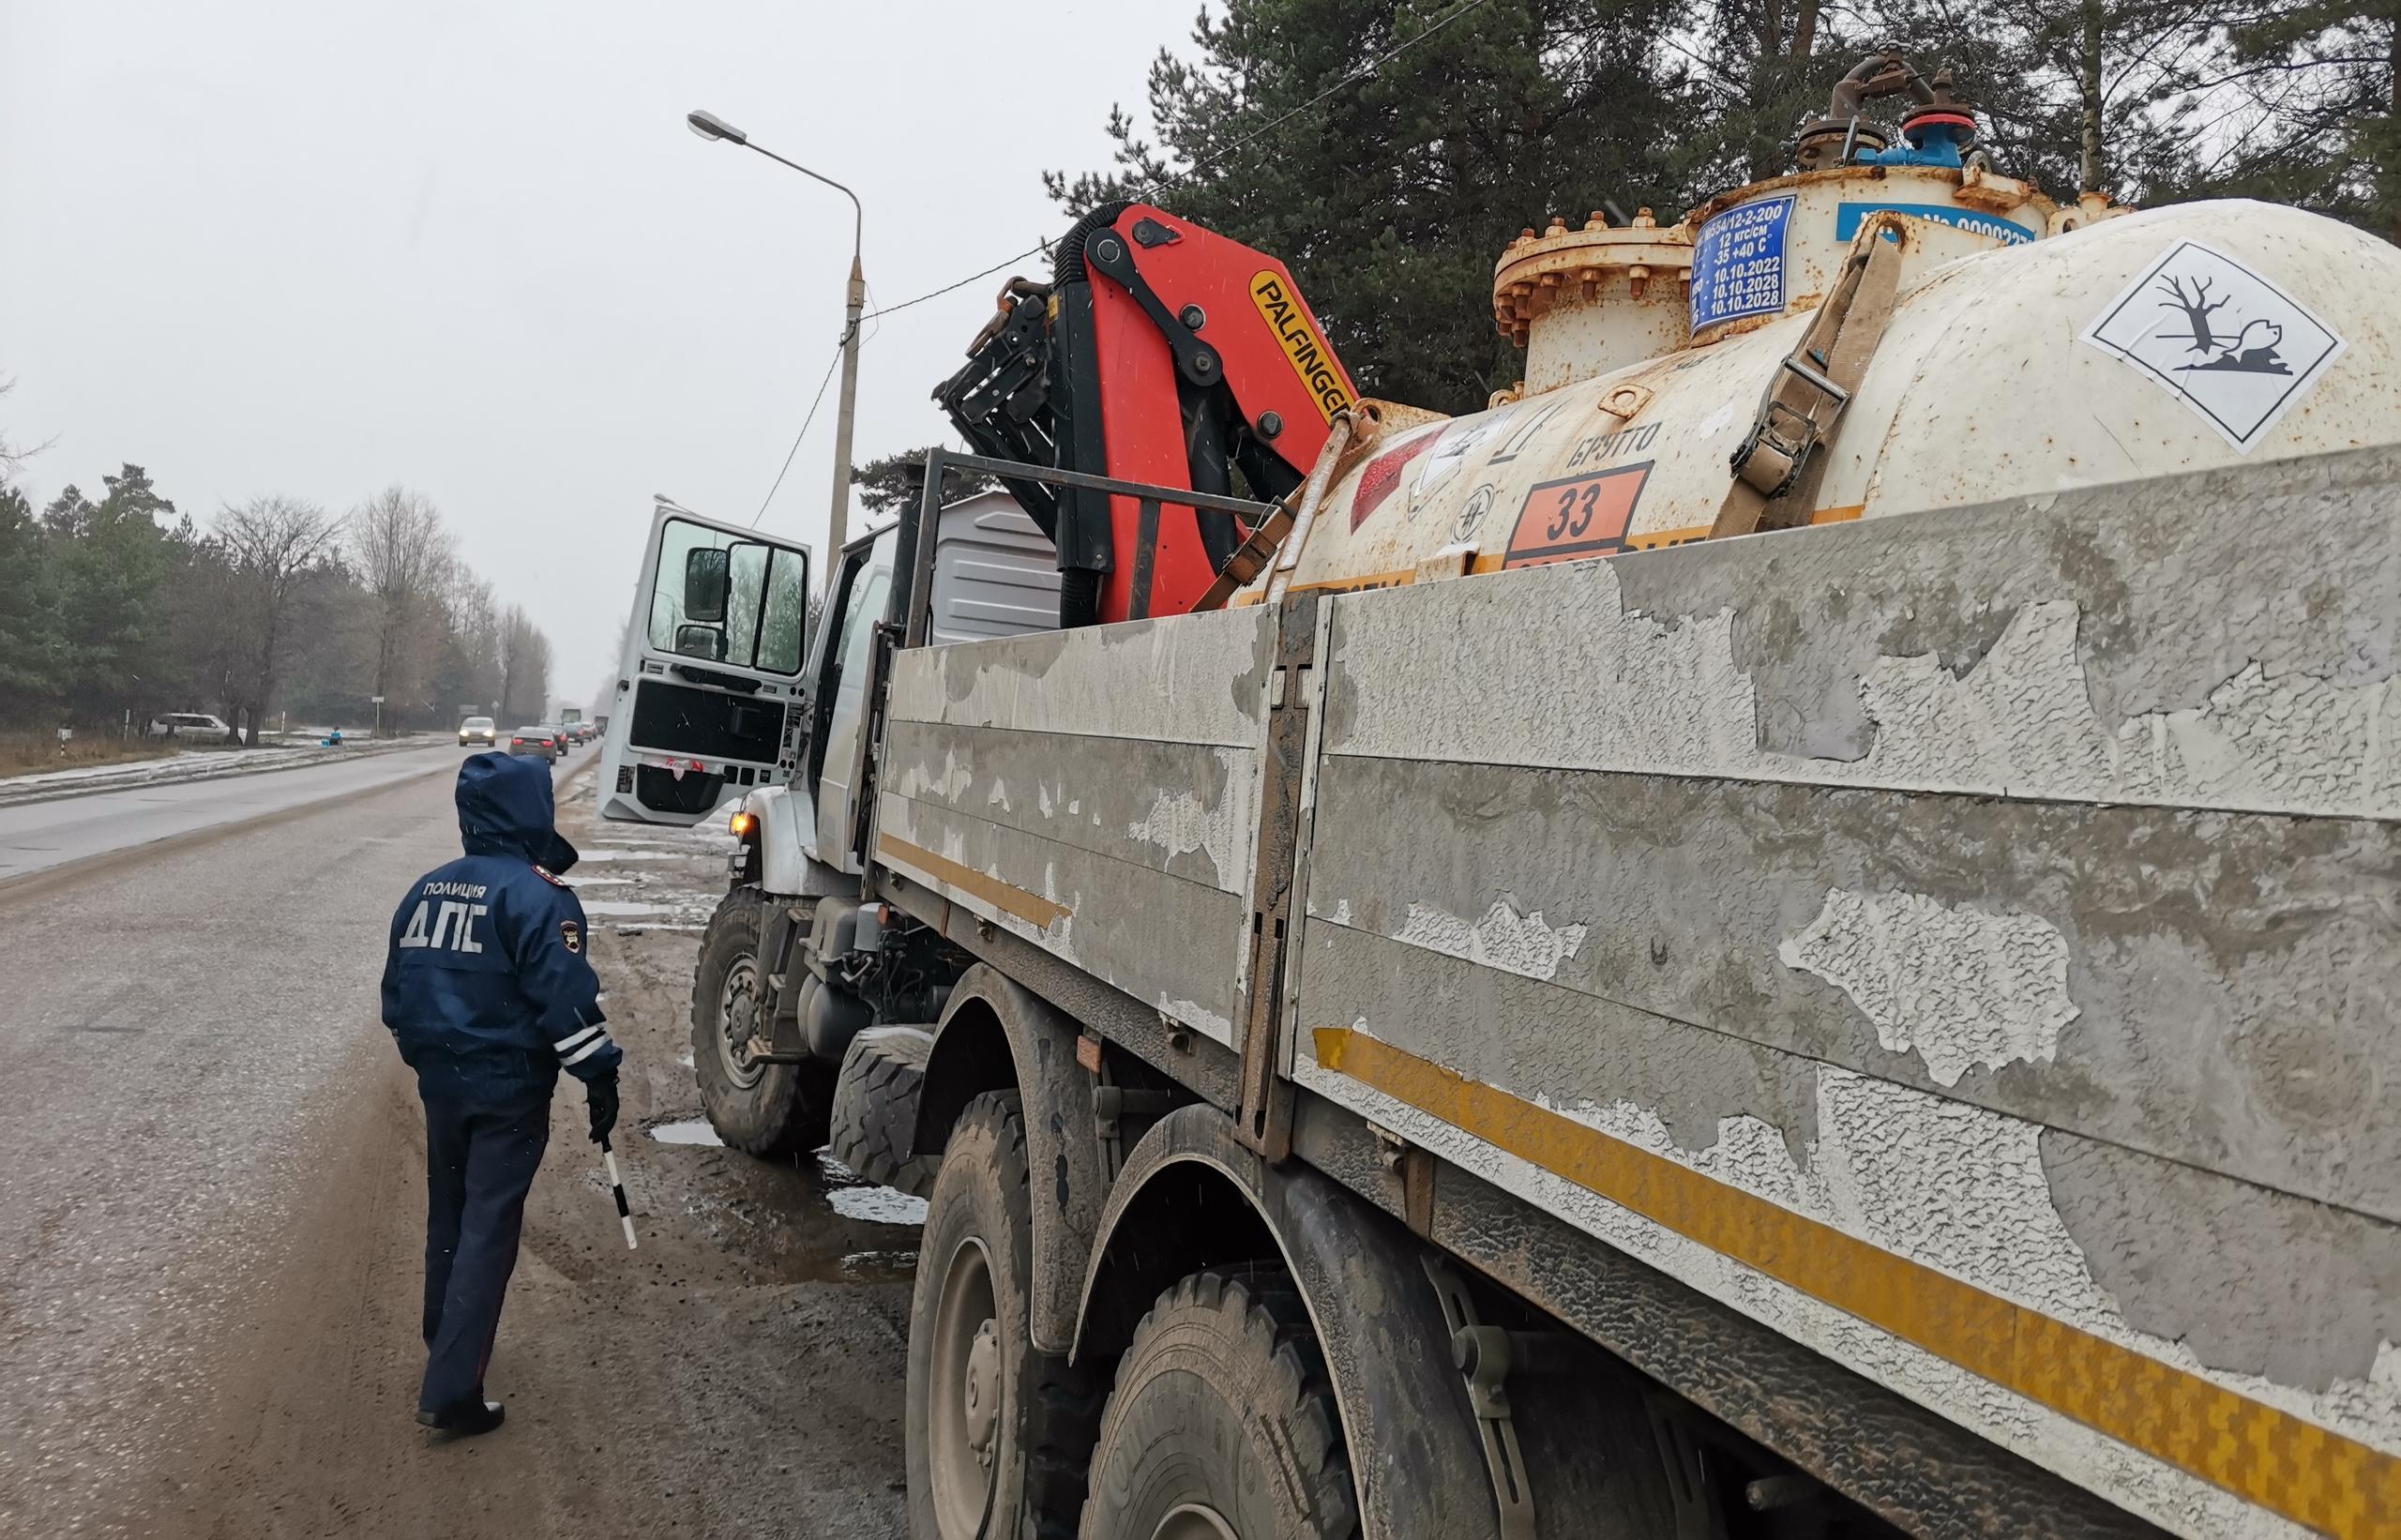 На дорогах Твери прошло мероприятие ГИБДД «Опасный груз» - новости Афанасий